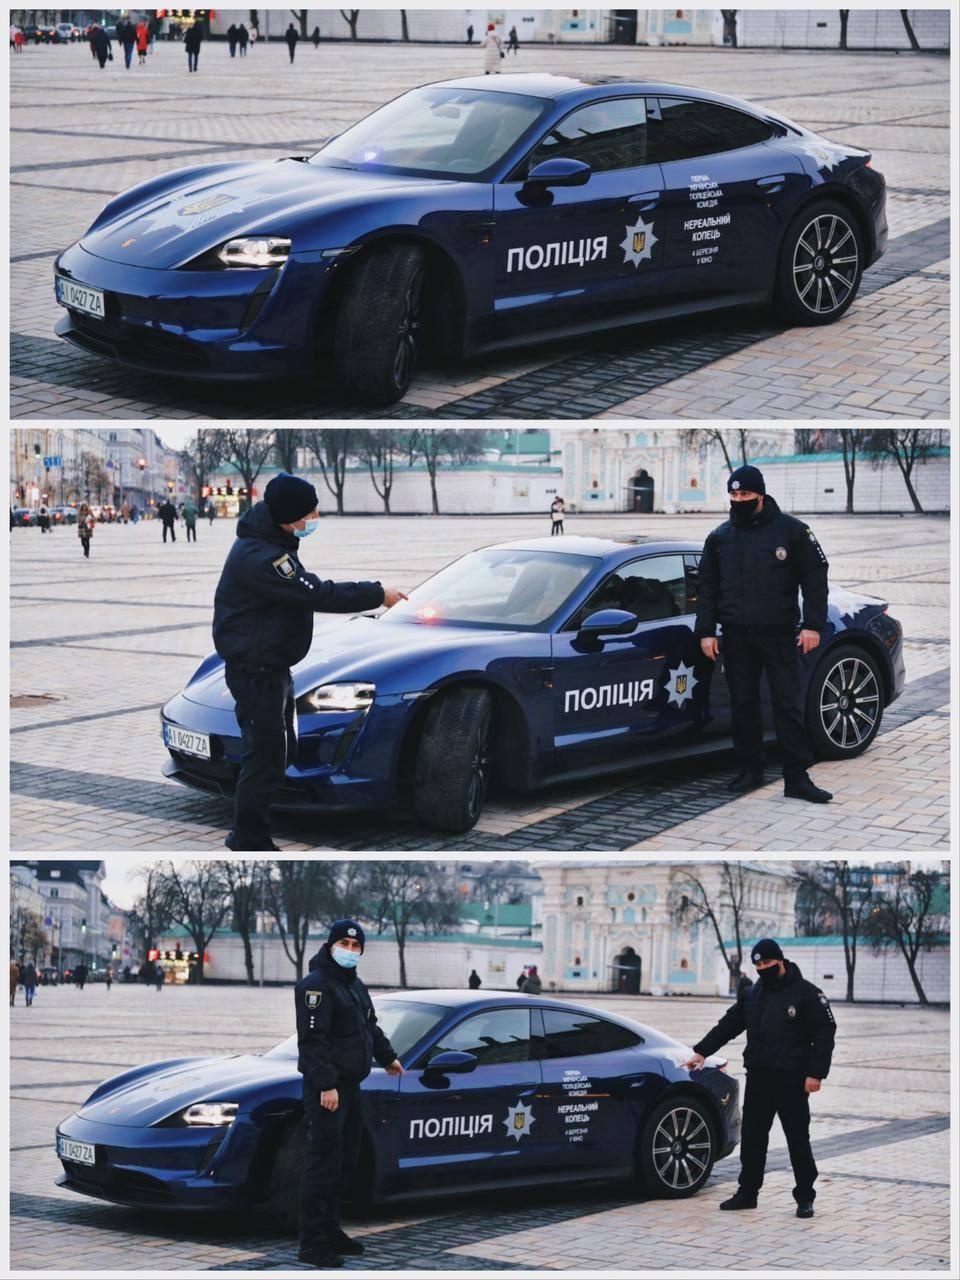 Правоохранители уточнили, что Porsche Taycan снимали в кино.